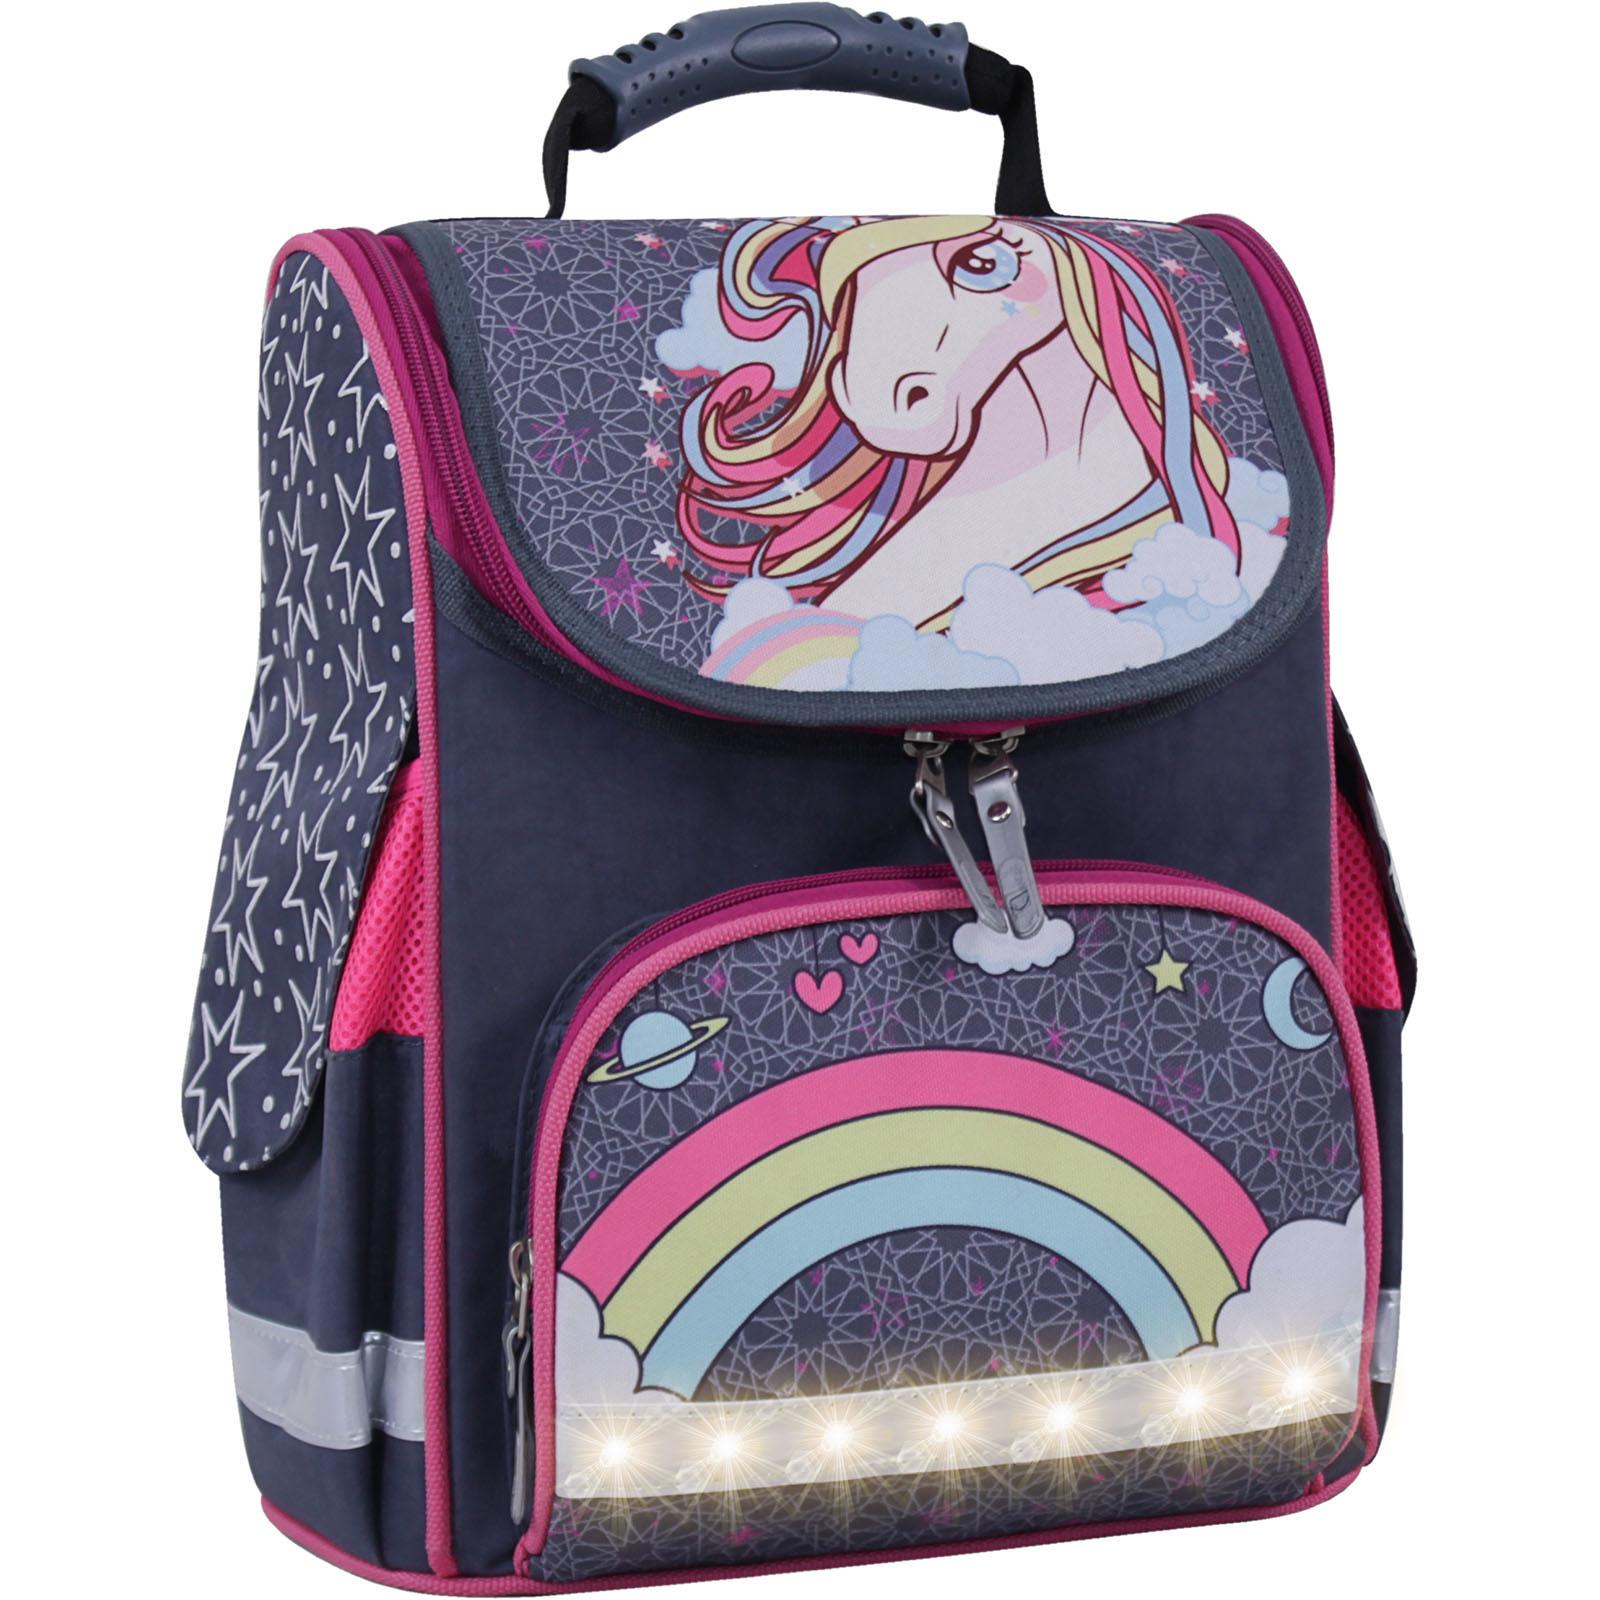 Для детей Рюкзак школьный каркасный с фонариками Bagland Успех 12 л. серый 511 (00551703) IMG_3785свет.суб511-1600.jpg